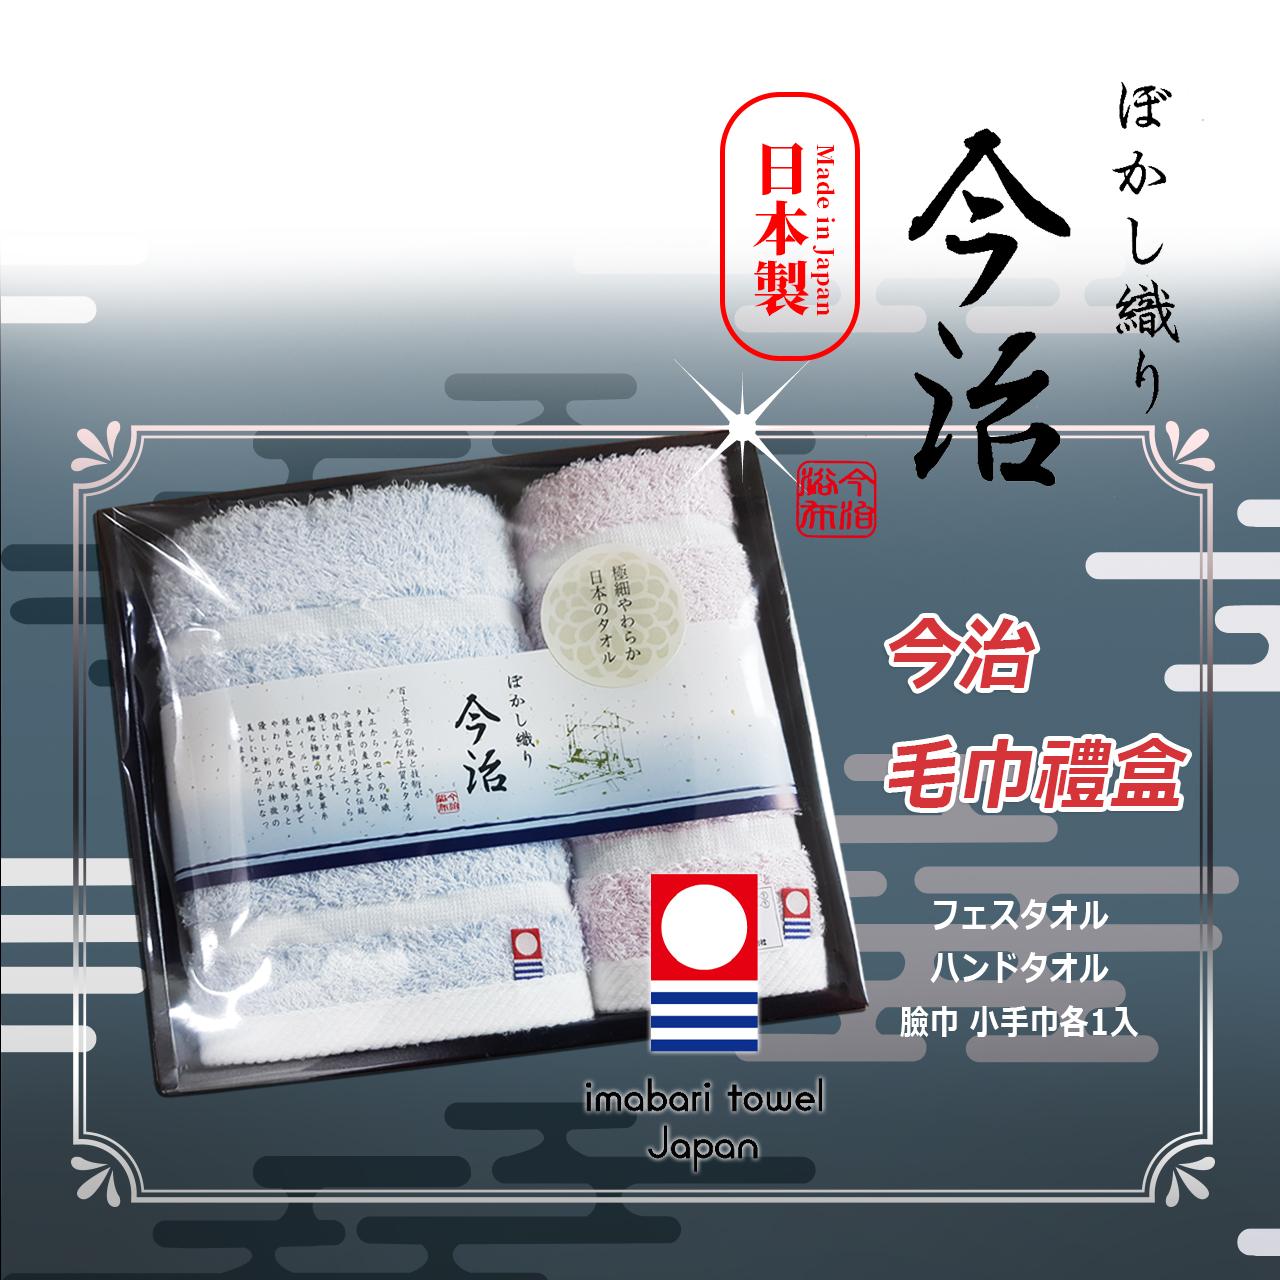 《HOYA-Life日本生活館》 日本製 今治 純棉 吸水 毛巾 方巾 產地直送 直條紋 大小 禮盒